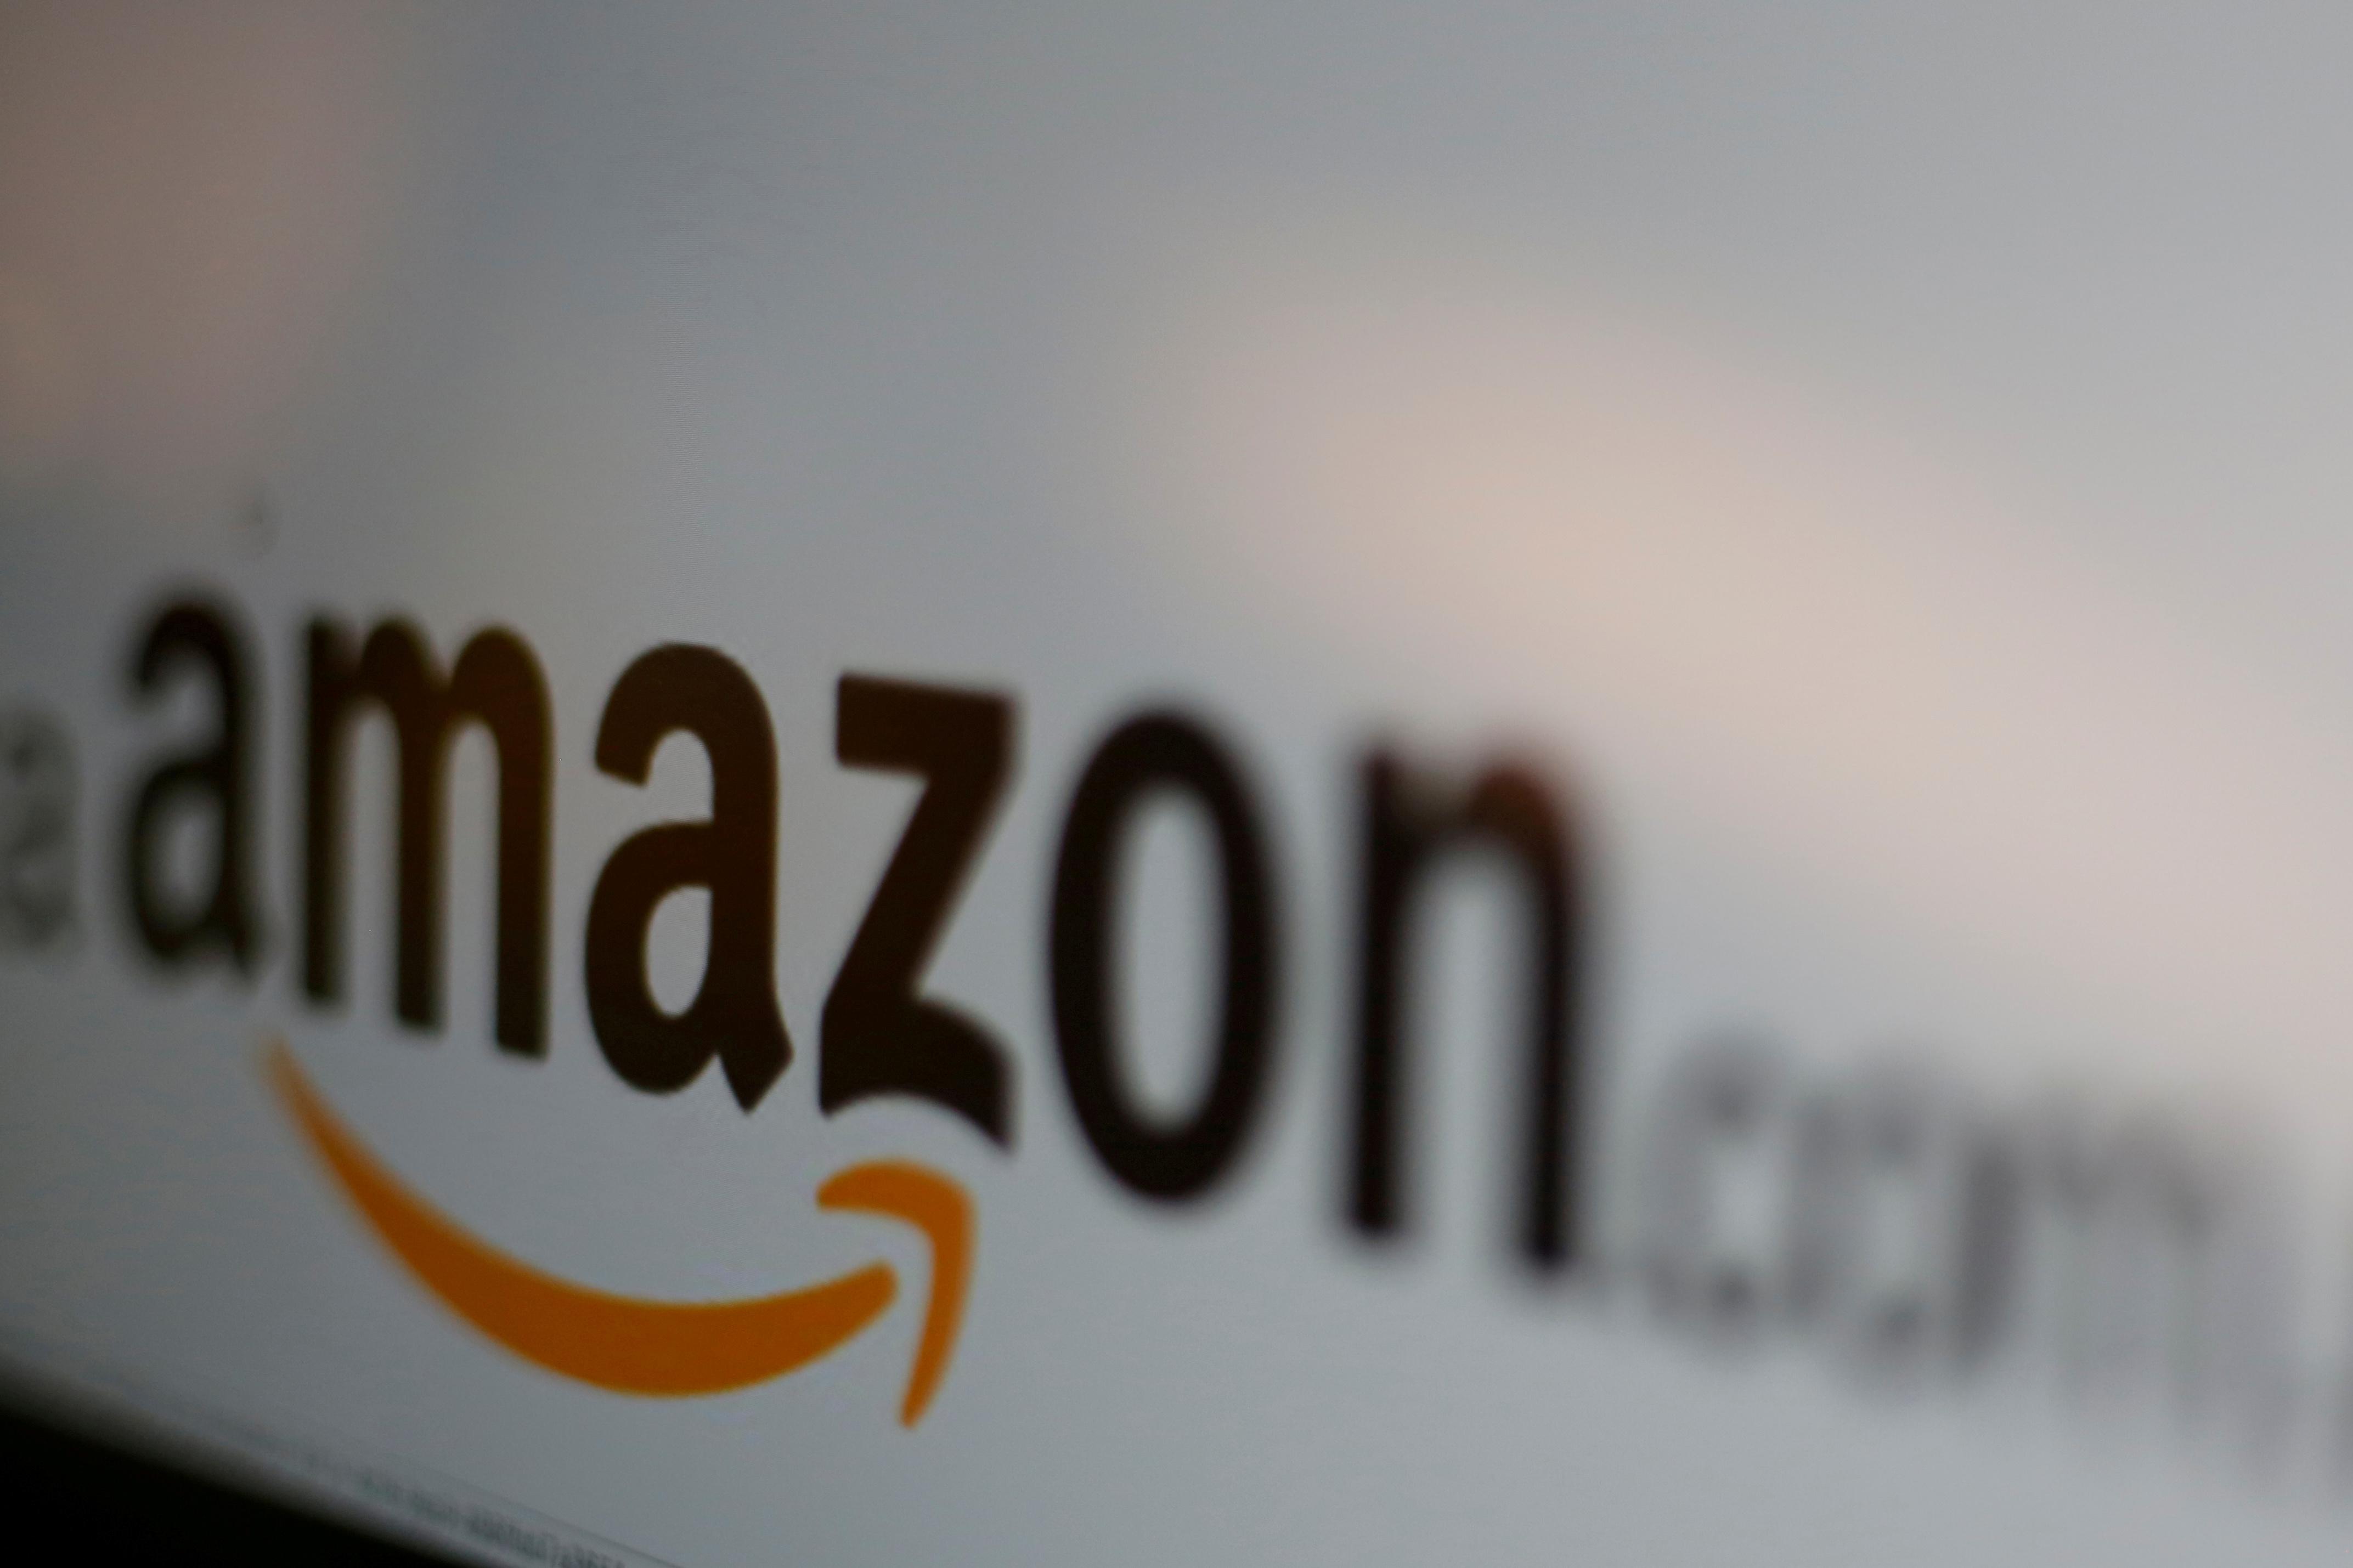 アマゾン「第2本社」はNYとワシントン近郊に、50億ドル投資 新規雇用5万人